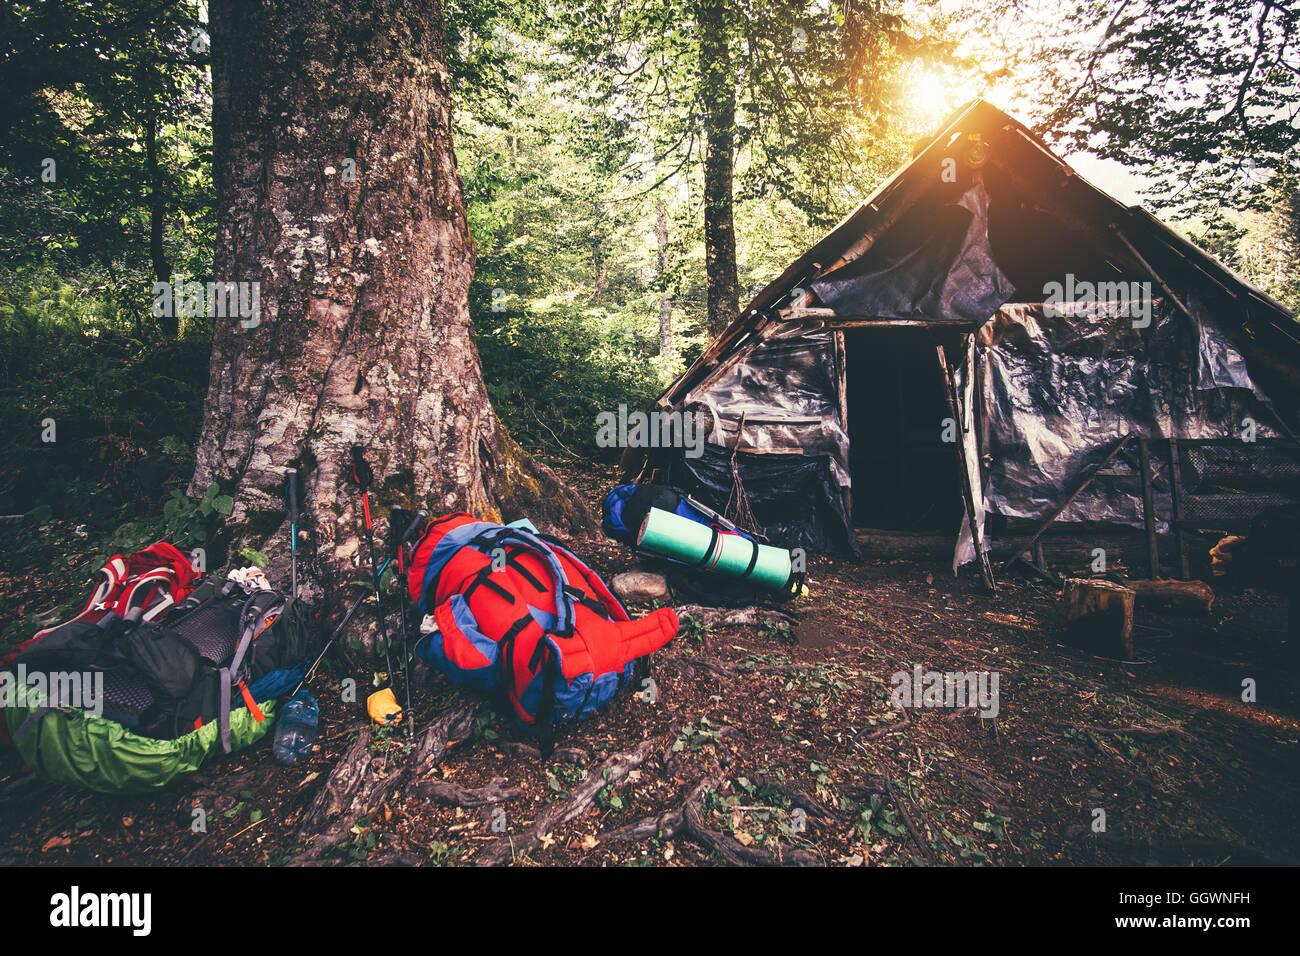 Rucksäcke und verlassenen Haus camping outdoor Travel-Lifestyle Wanderausrüstung Wald Natur auf Hintergrund Stockbild